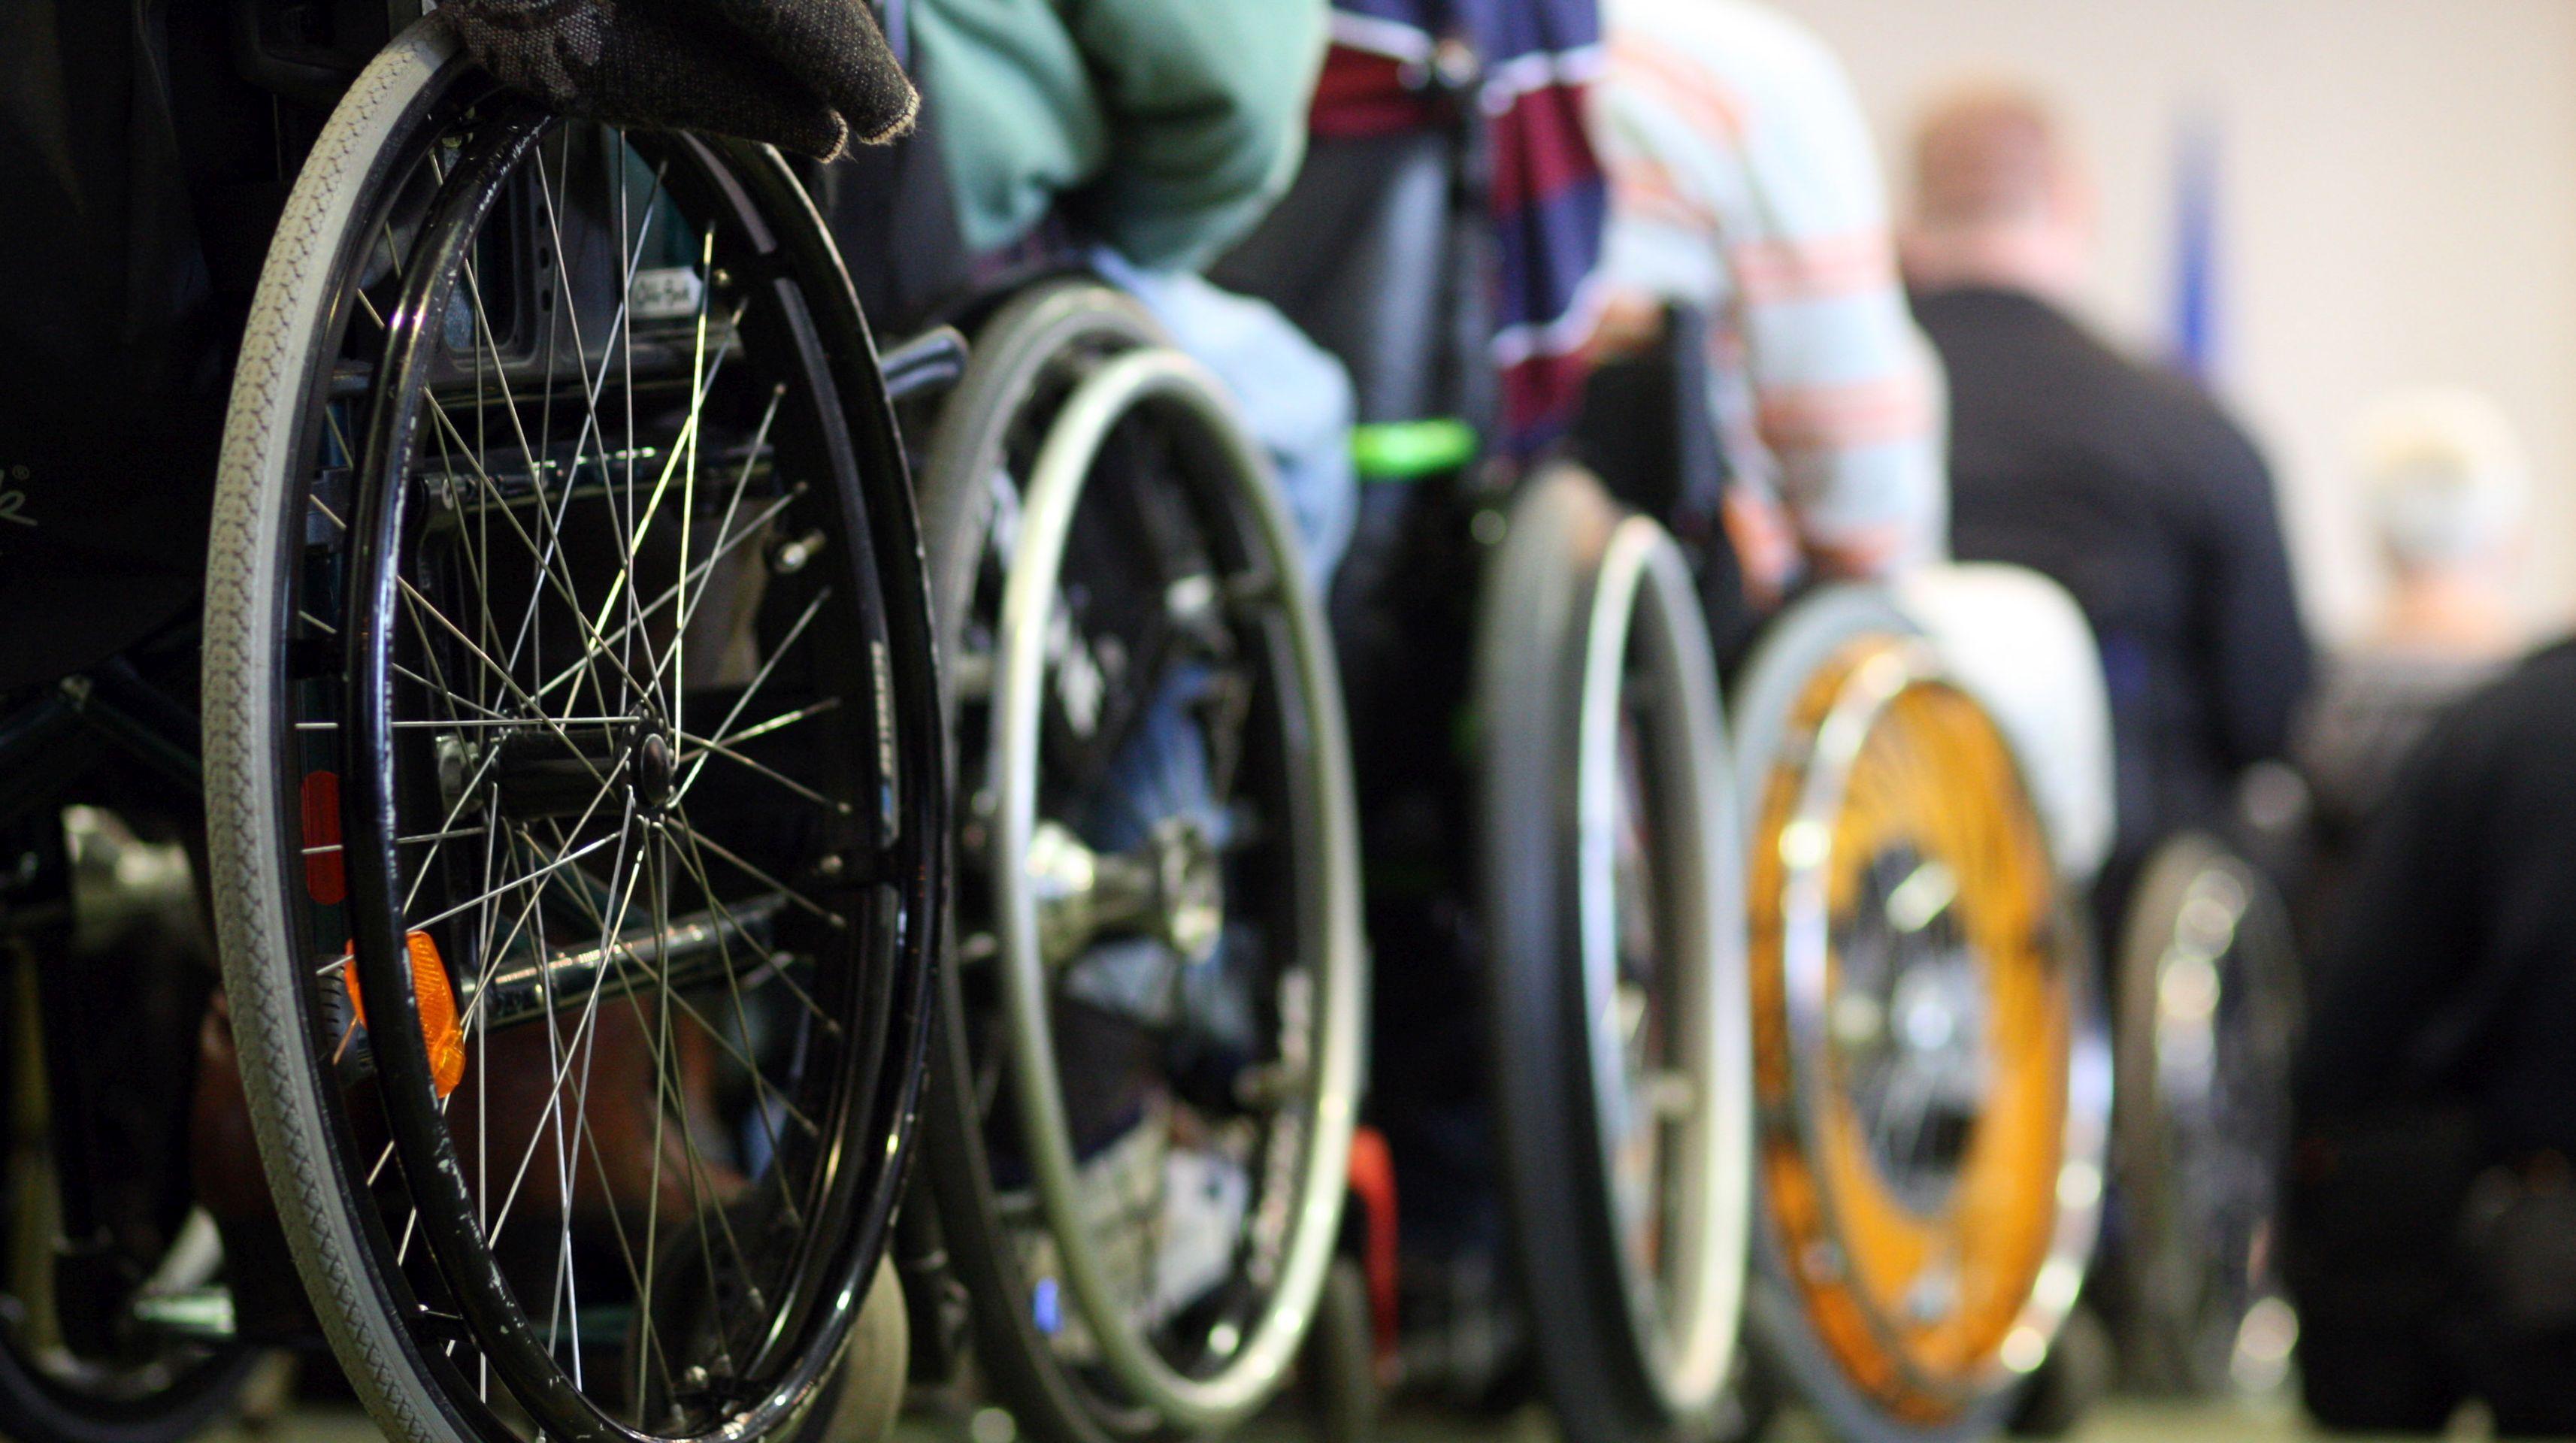 Zagreb planira dizala za zgrade u kojima žive osobe s invaliditetom